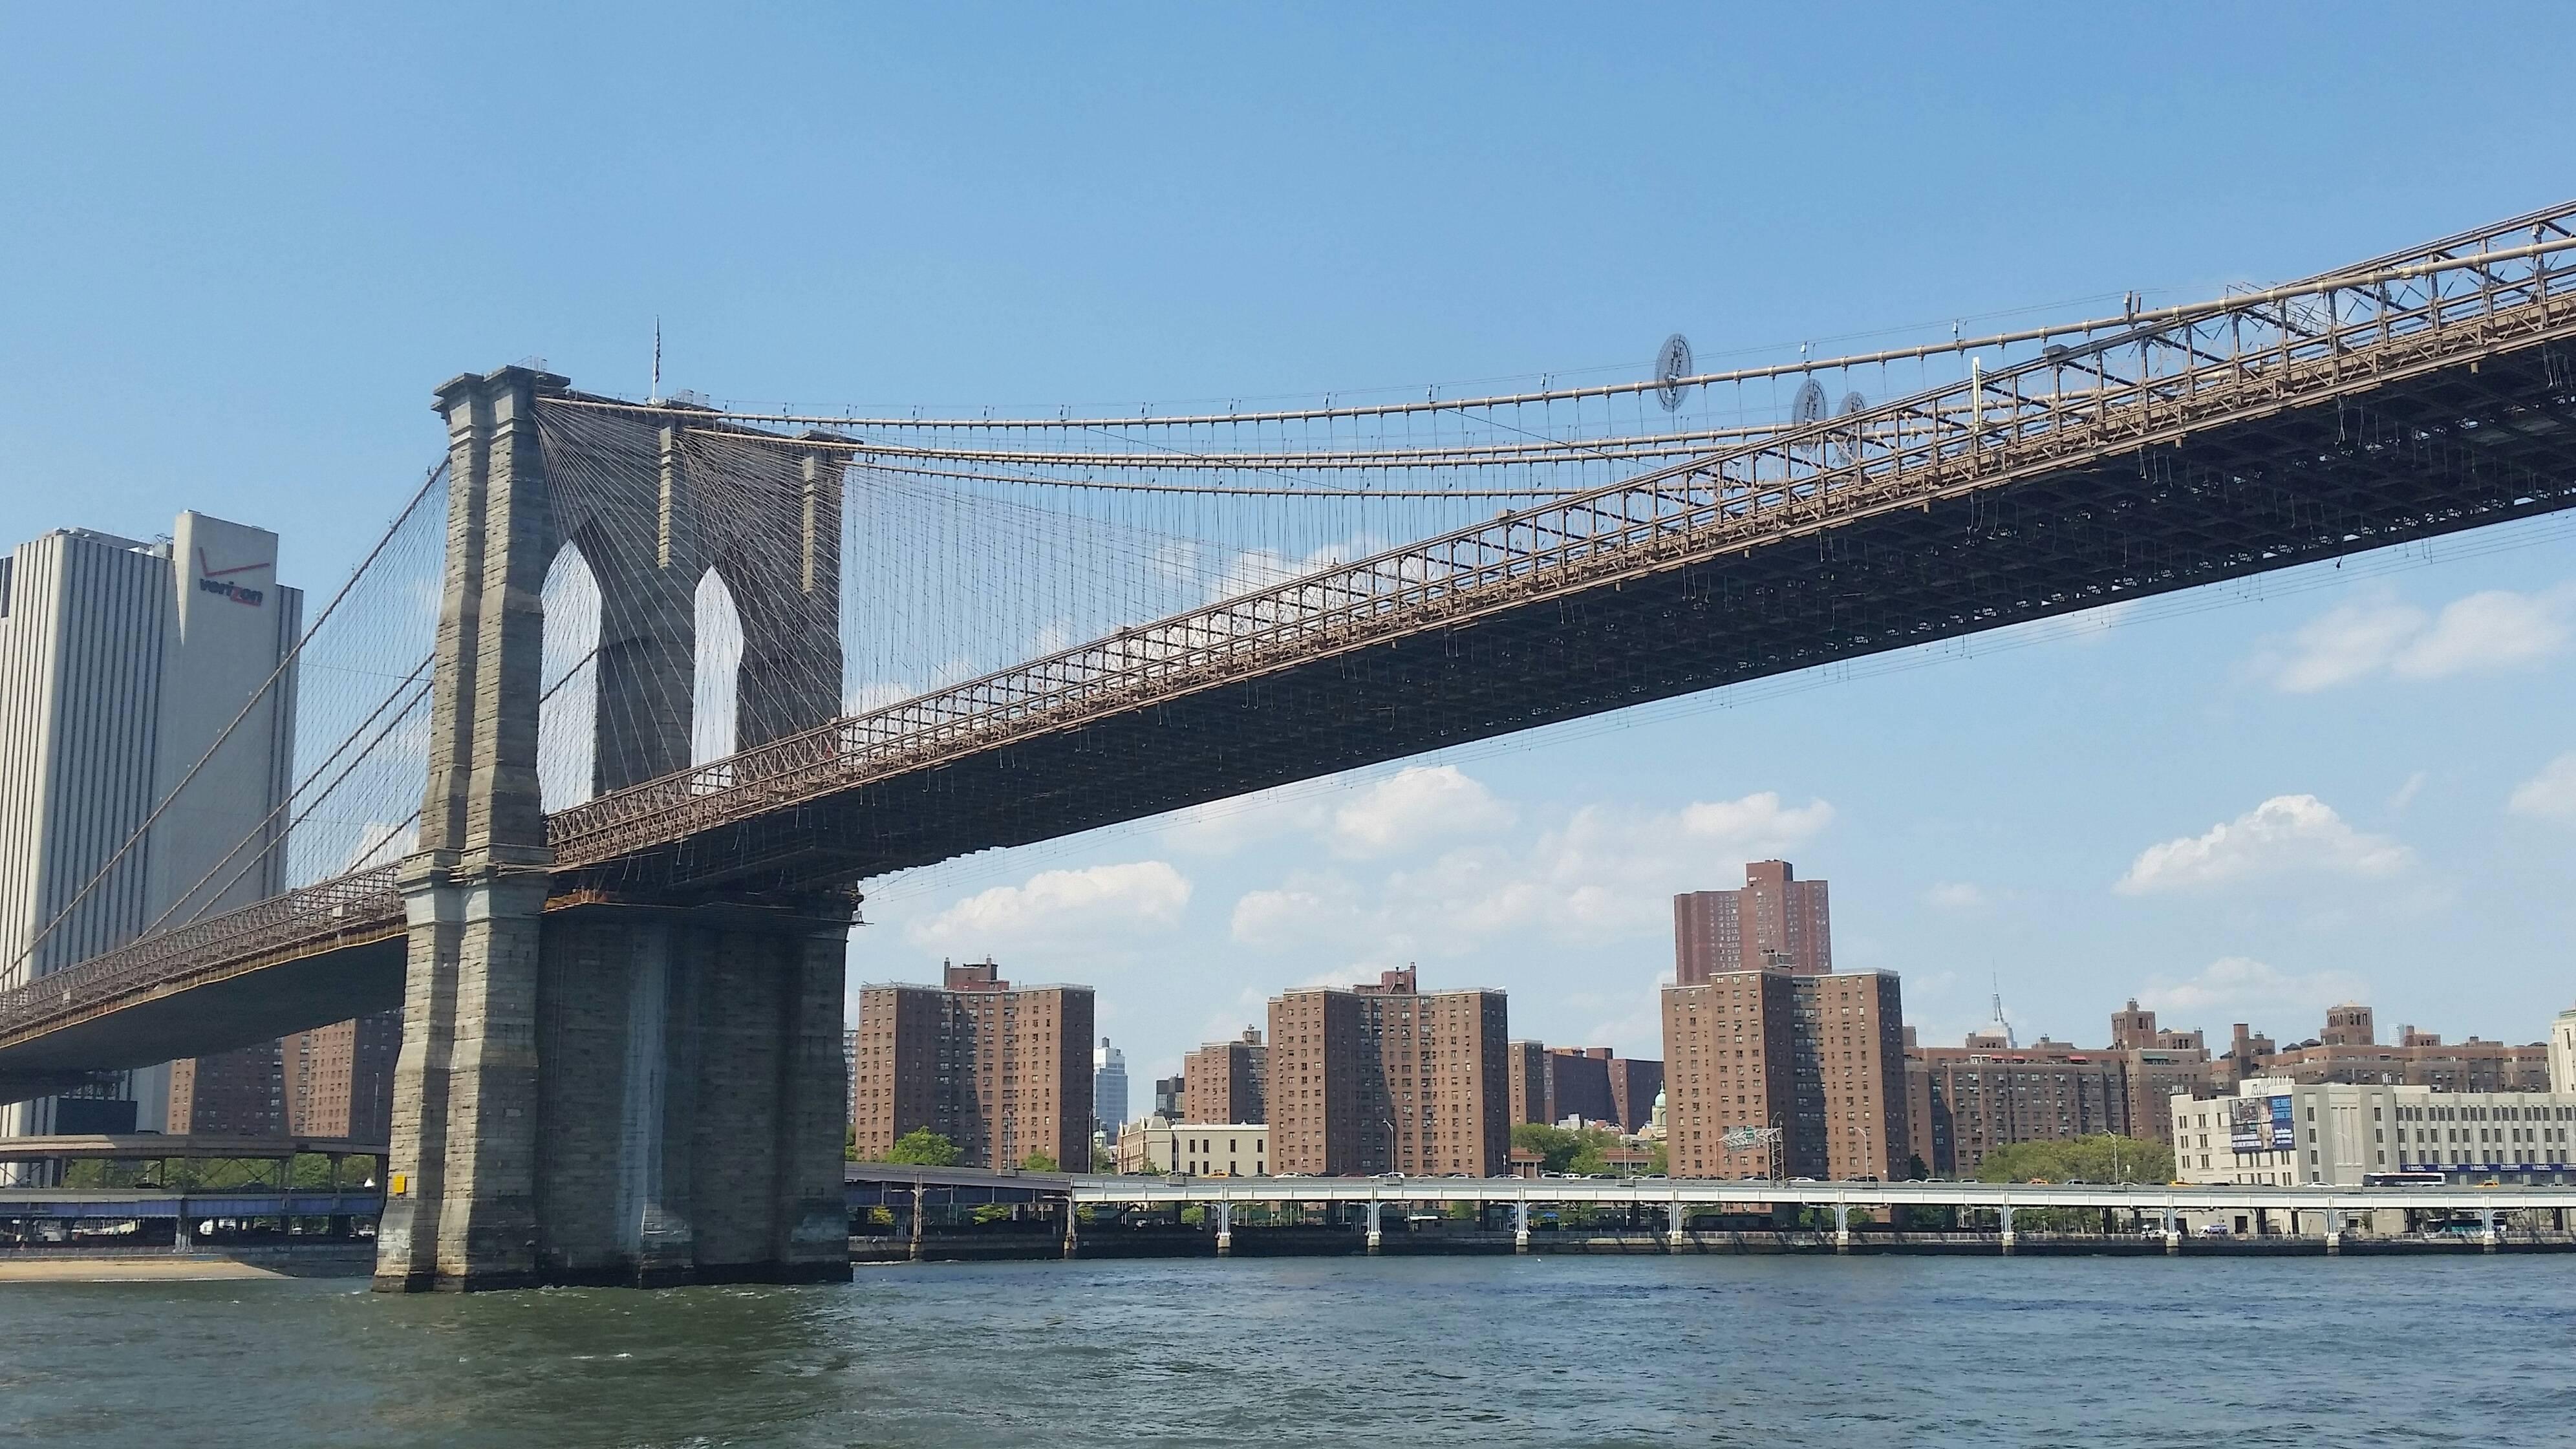 Бруклинский мост внью-йорке— где находится, на карте, история, экскурсии, отели рядом, как добраться на туристер.ру